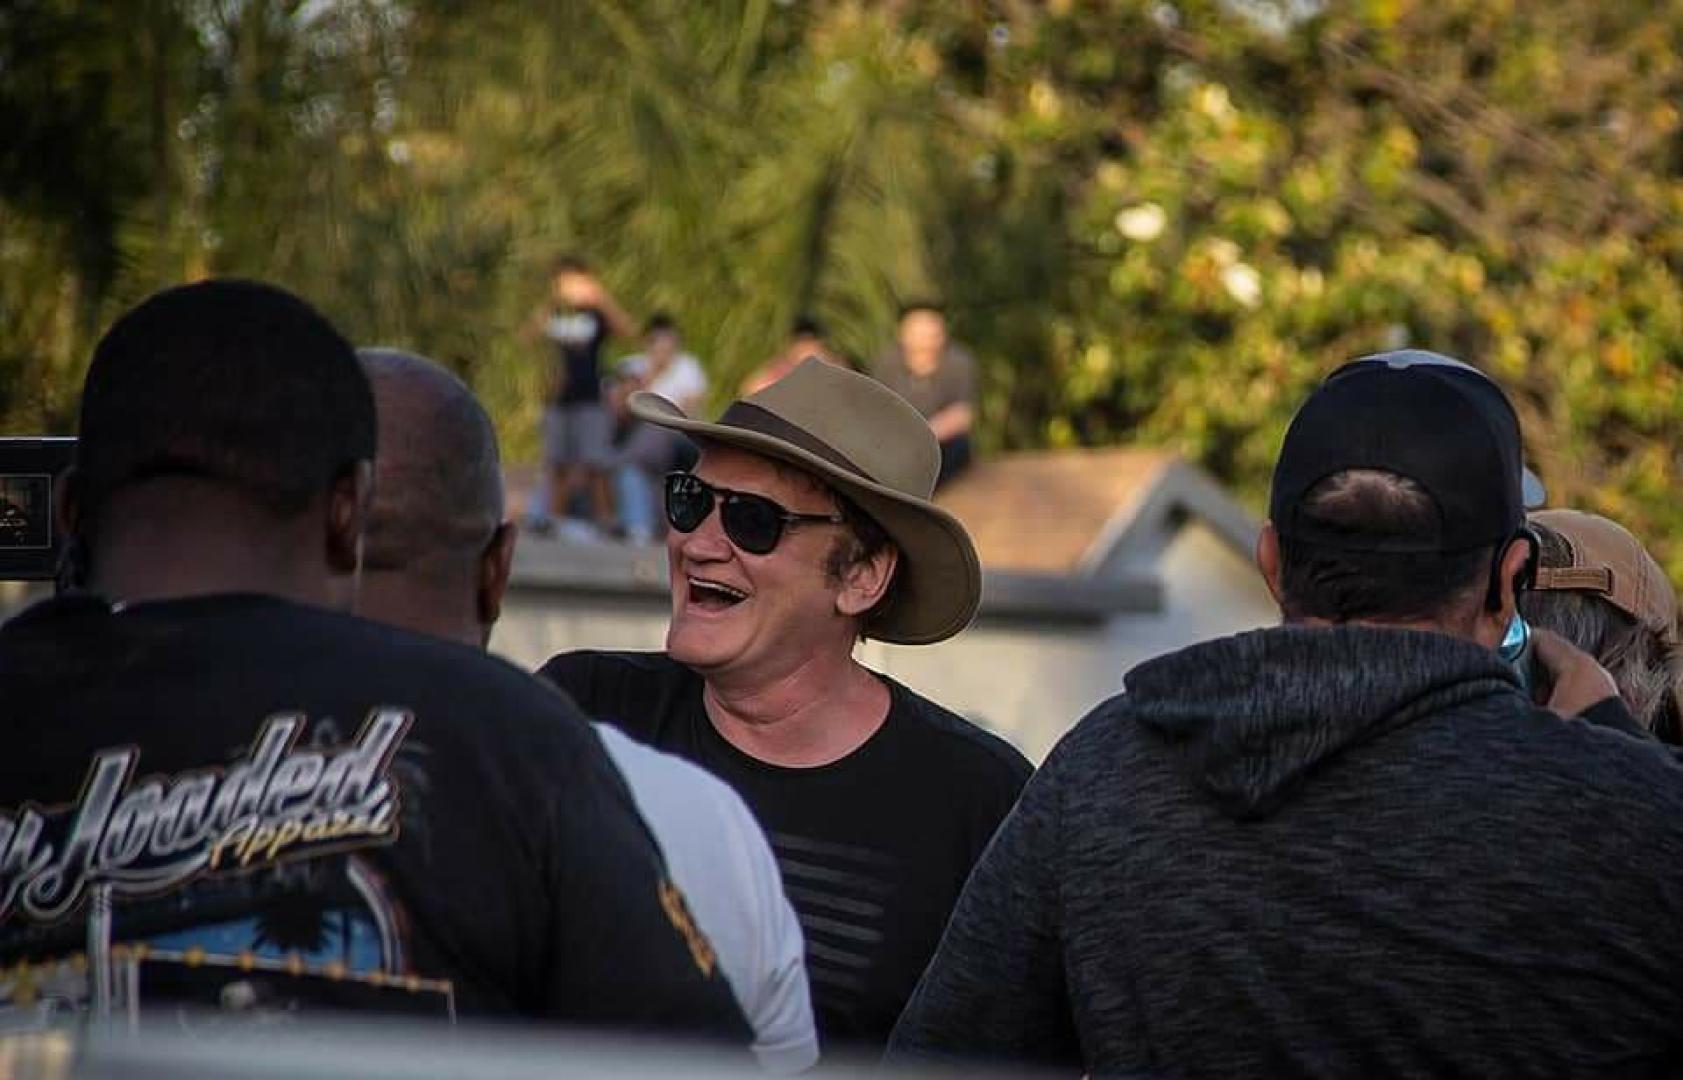 Megkezdődött Tarantino kilencedik filmjének forgatása